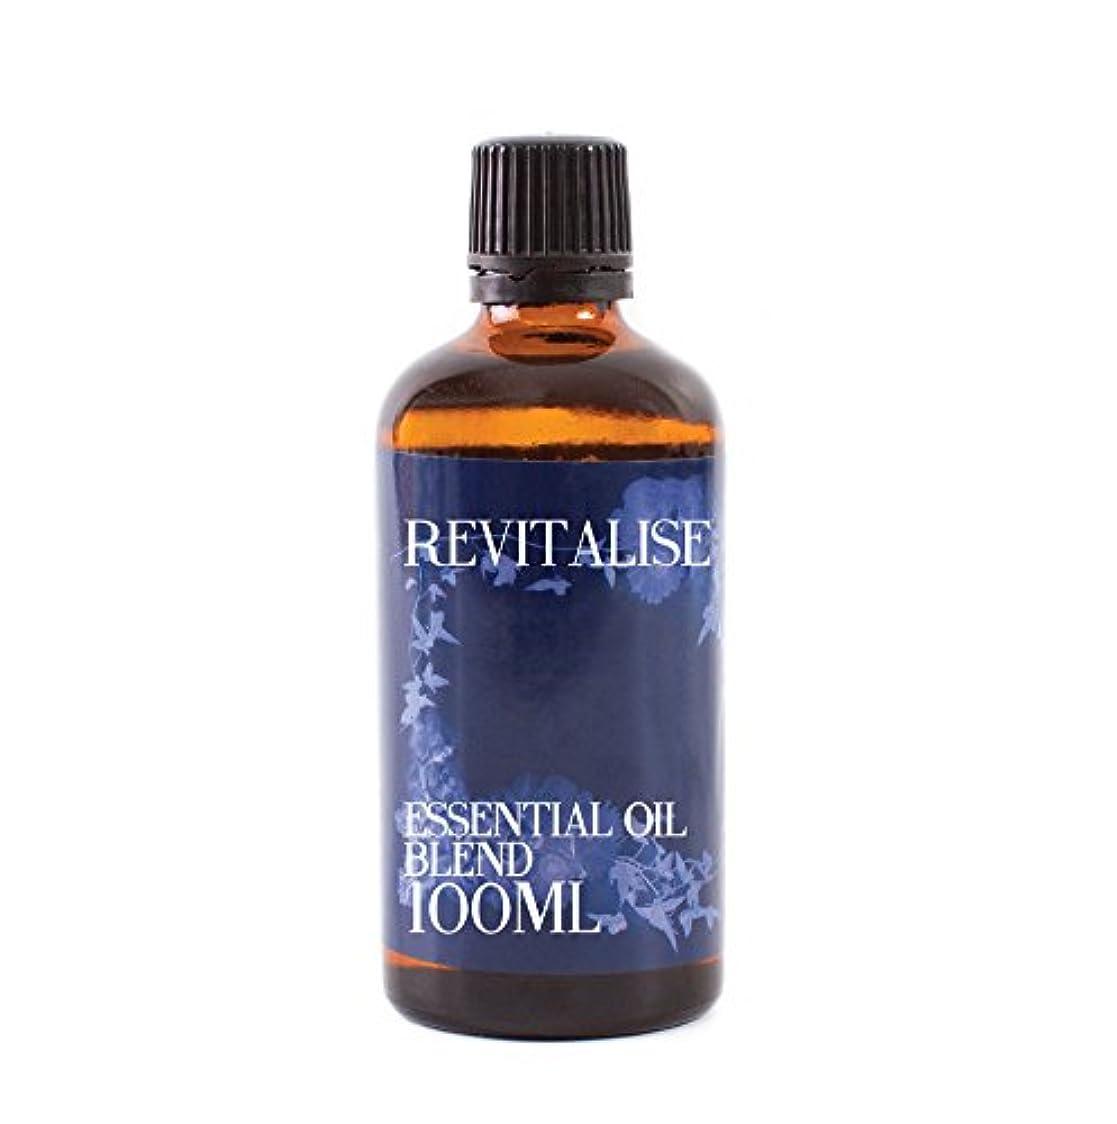 トランザクションファイター息を切らしてMystix London | Revitalise Essential Oil Blend - 100ml - 100% Pure